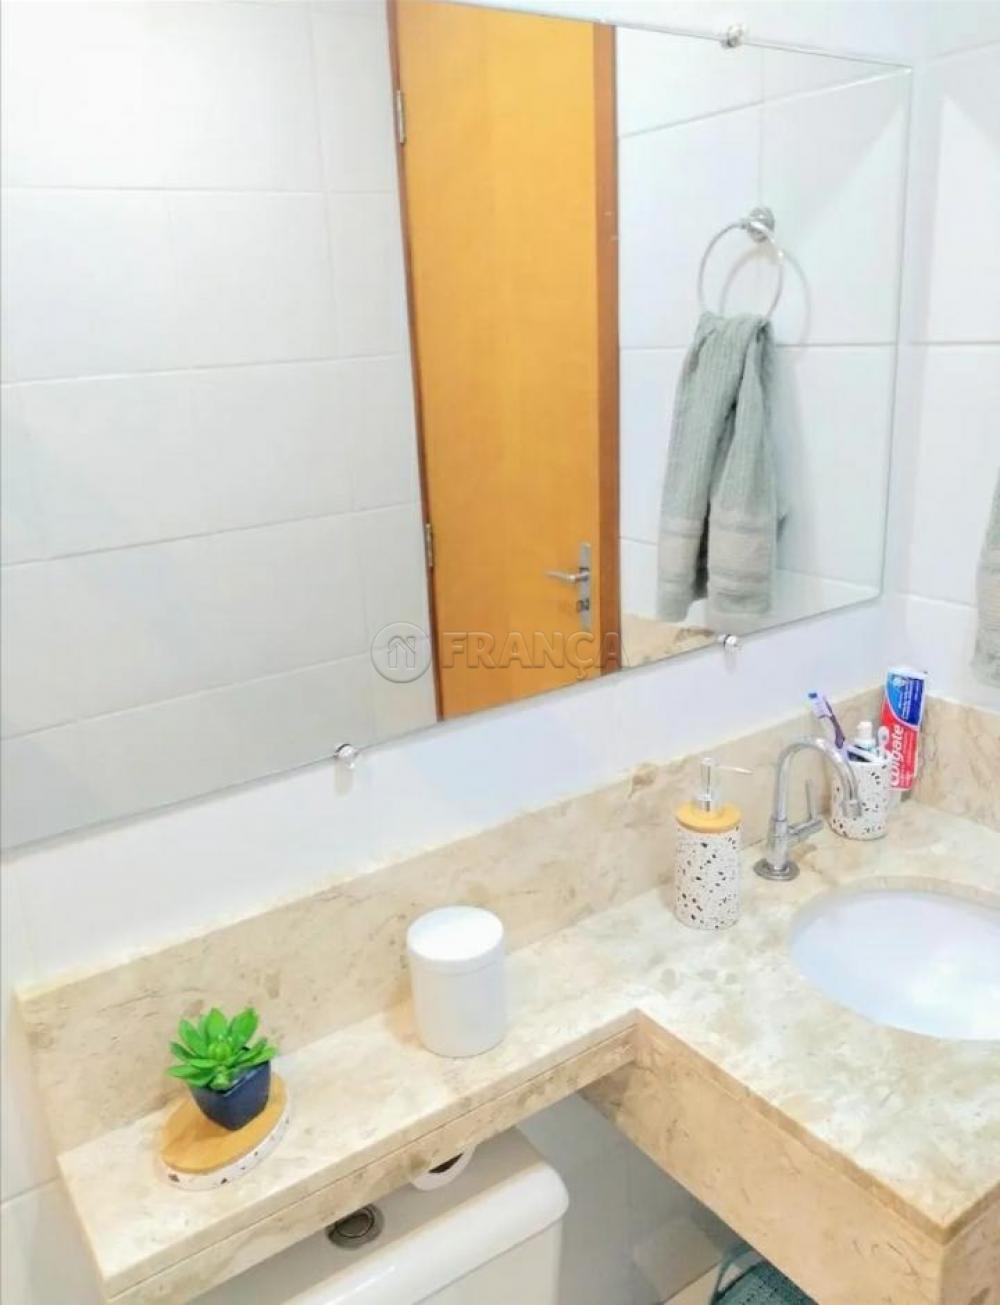 Comprar Apartamento / Padrão em São José dos Campos apenas R$ 180.200,00 - Foto 13